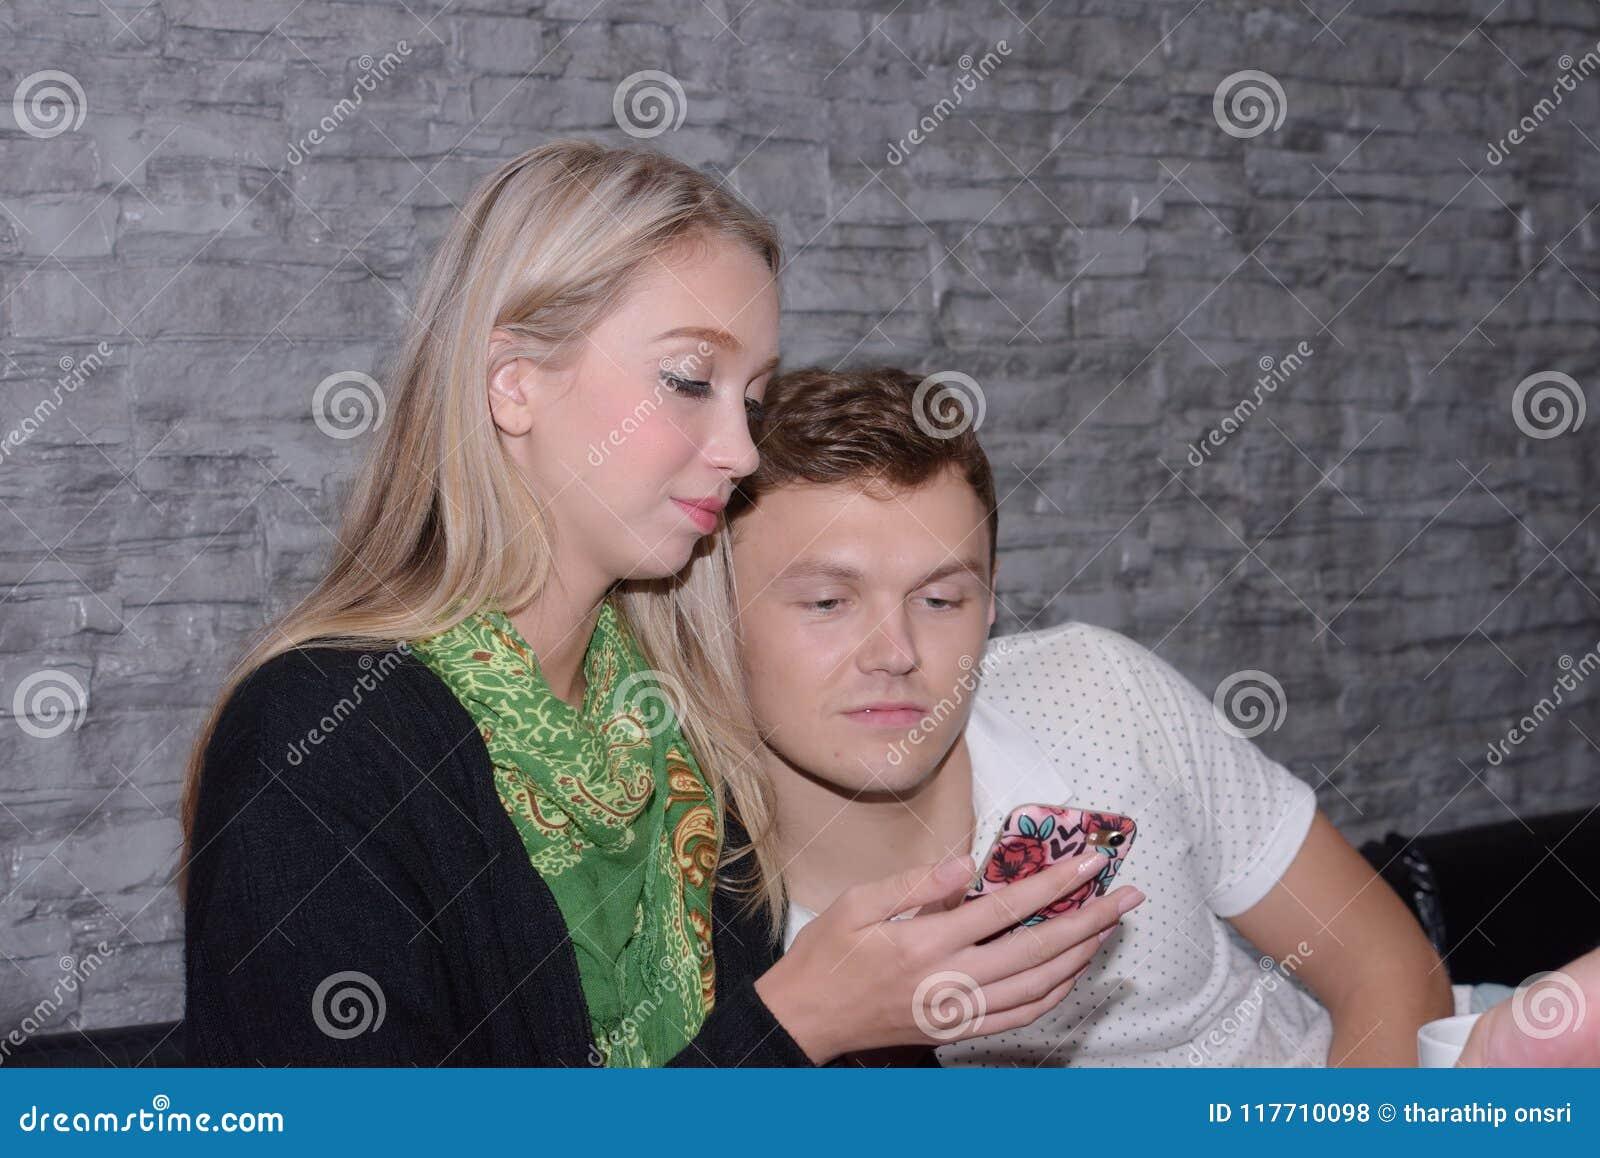 kopiere og lime inn meldinger for dating sites